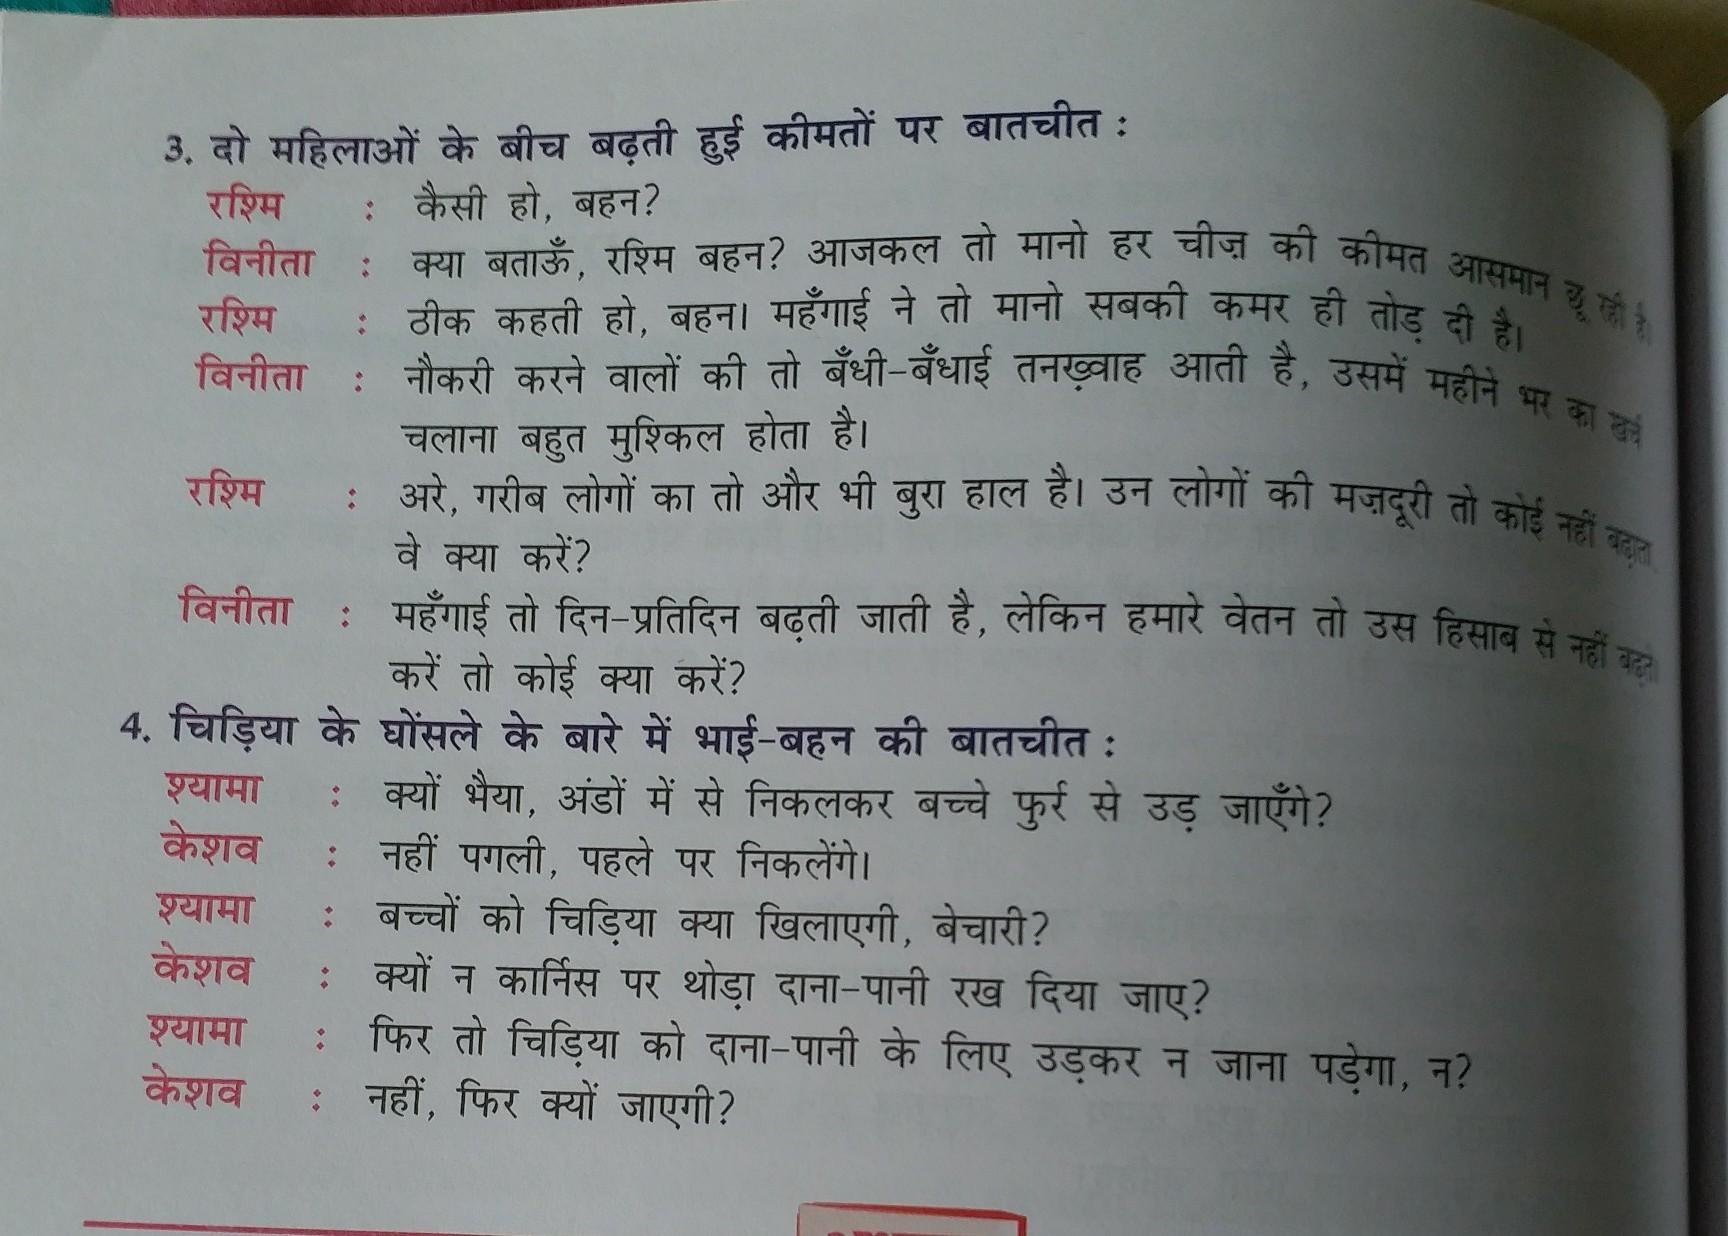 Samvad lekhan in hindi between 4 friend - Brainly in